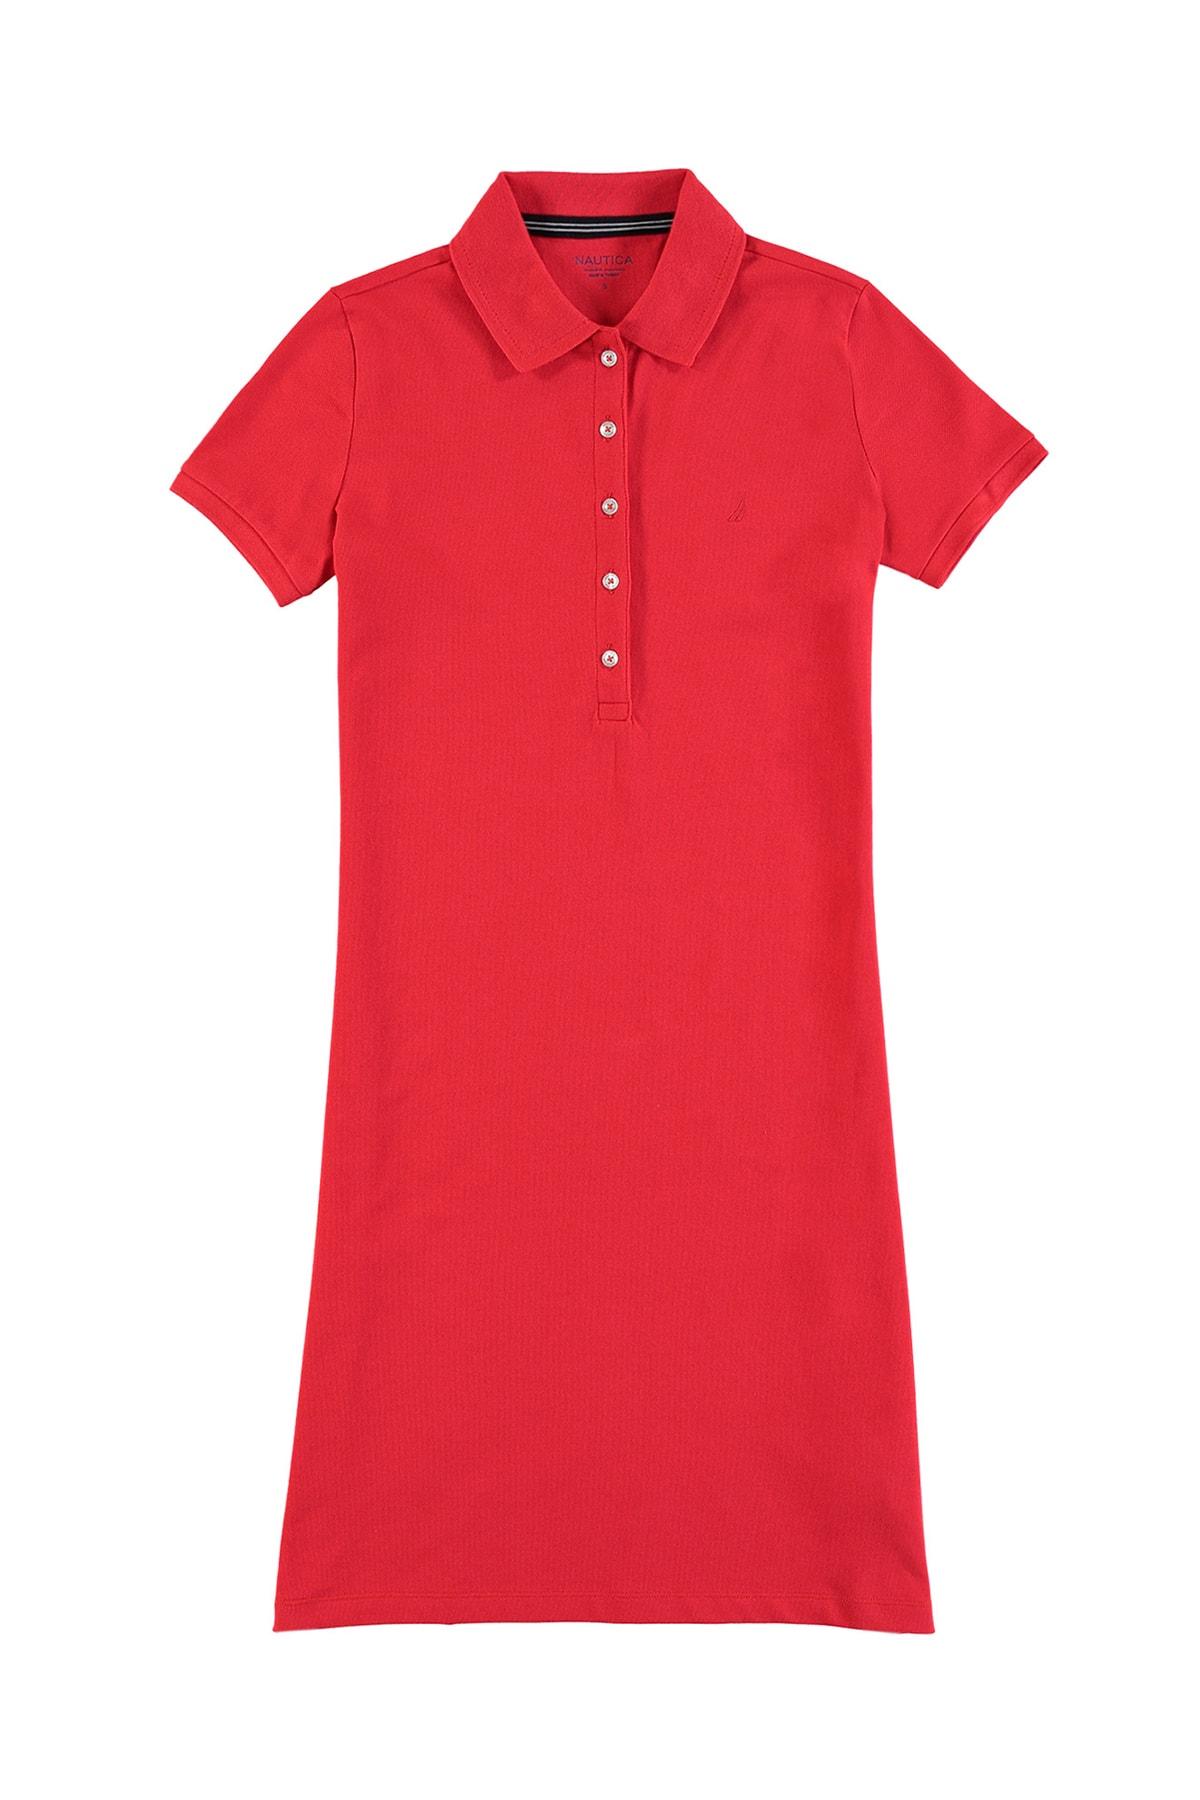 Nautica Kadın Kırmızı Polo Yaka Elbise 05D922T